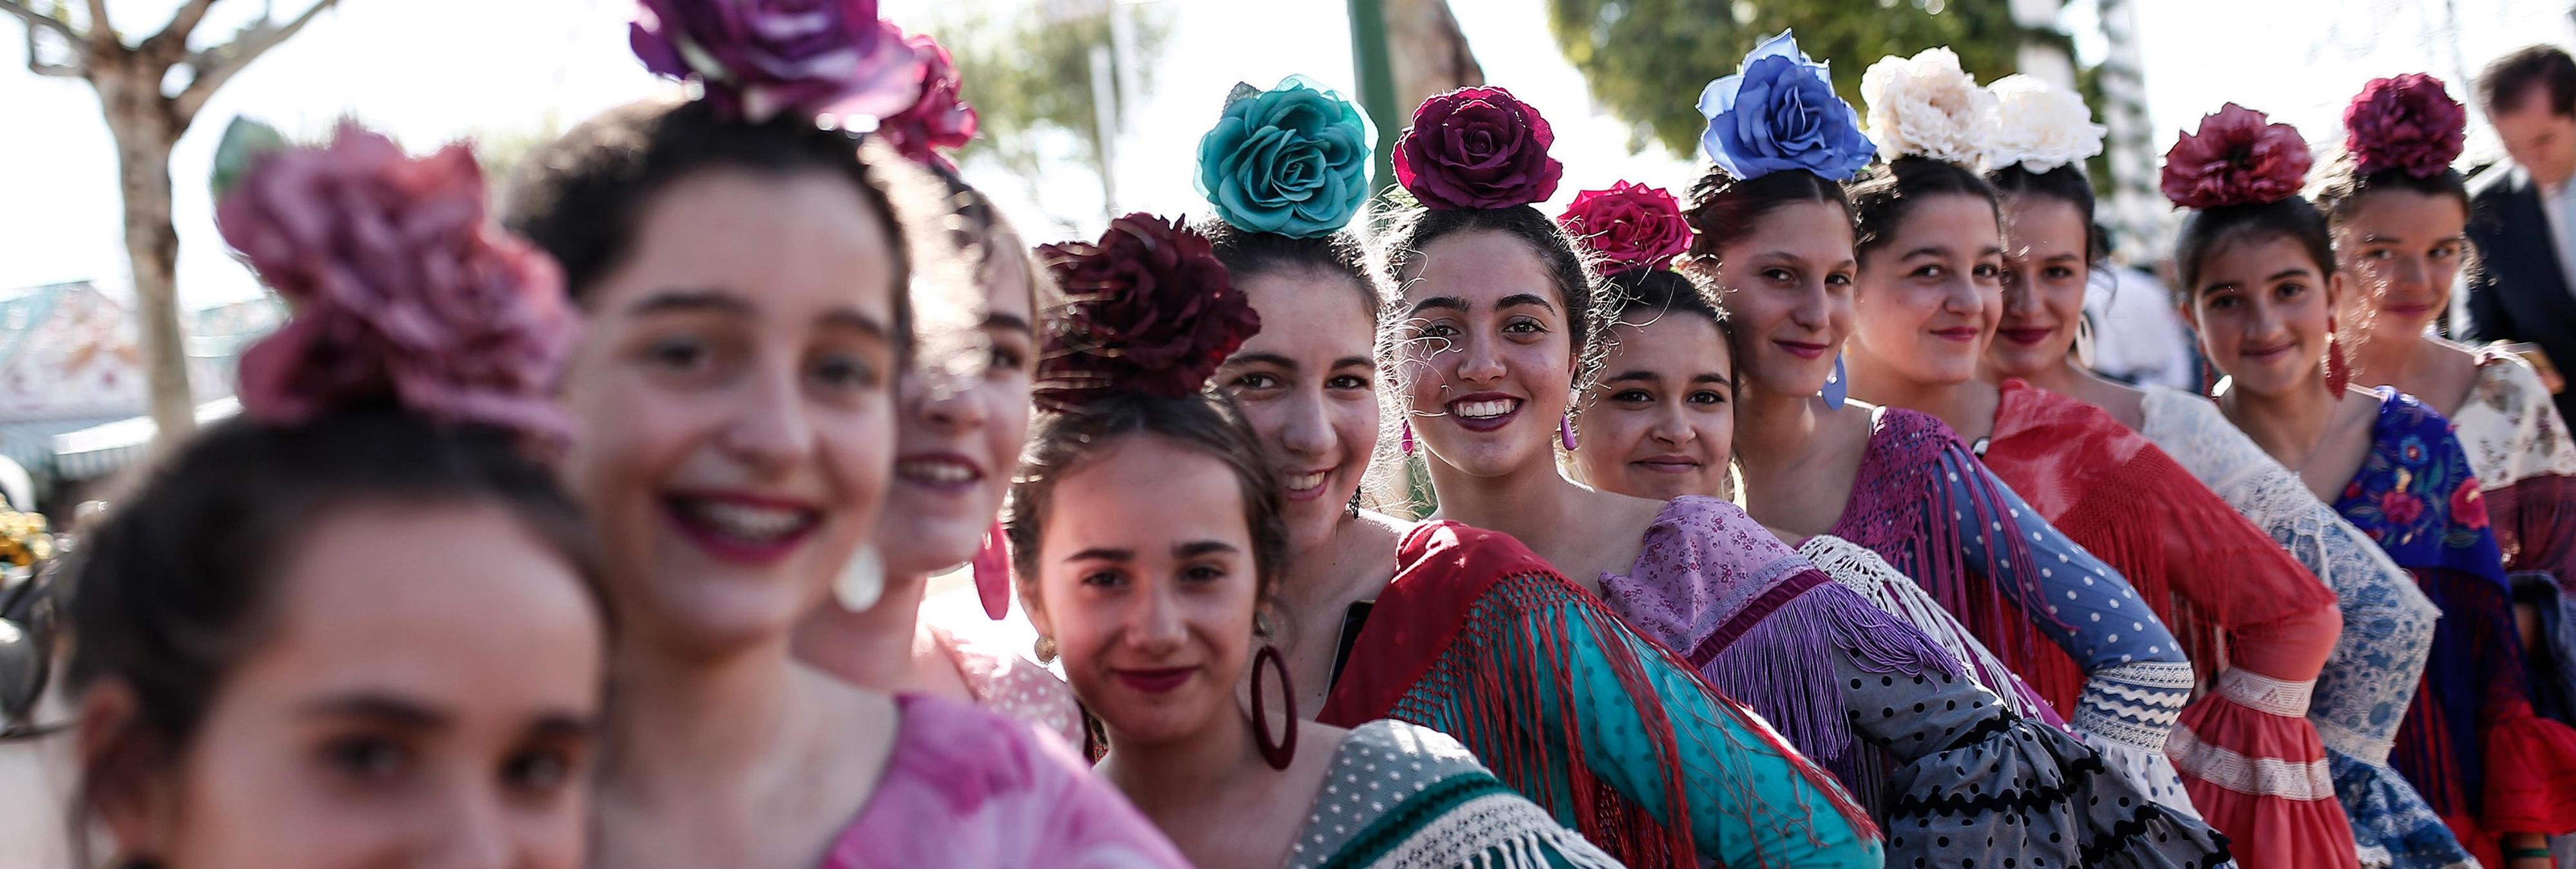 Cómo la consulta popular de la Feria de Abril está reavivando el debate de la independencia catalana